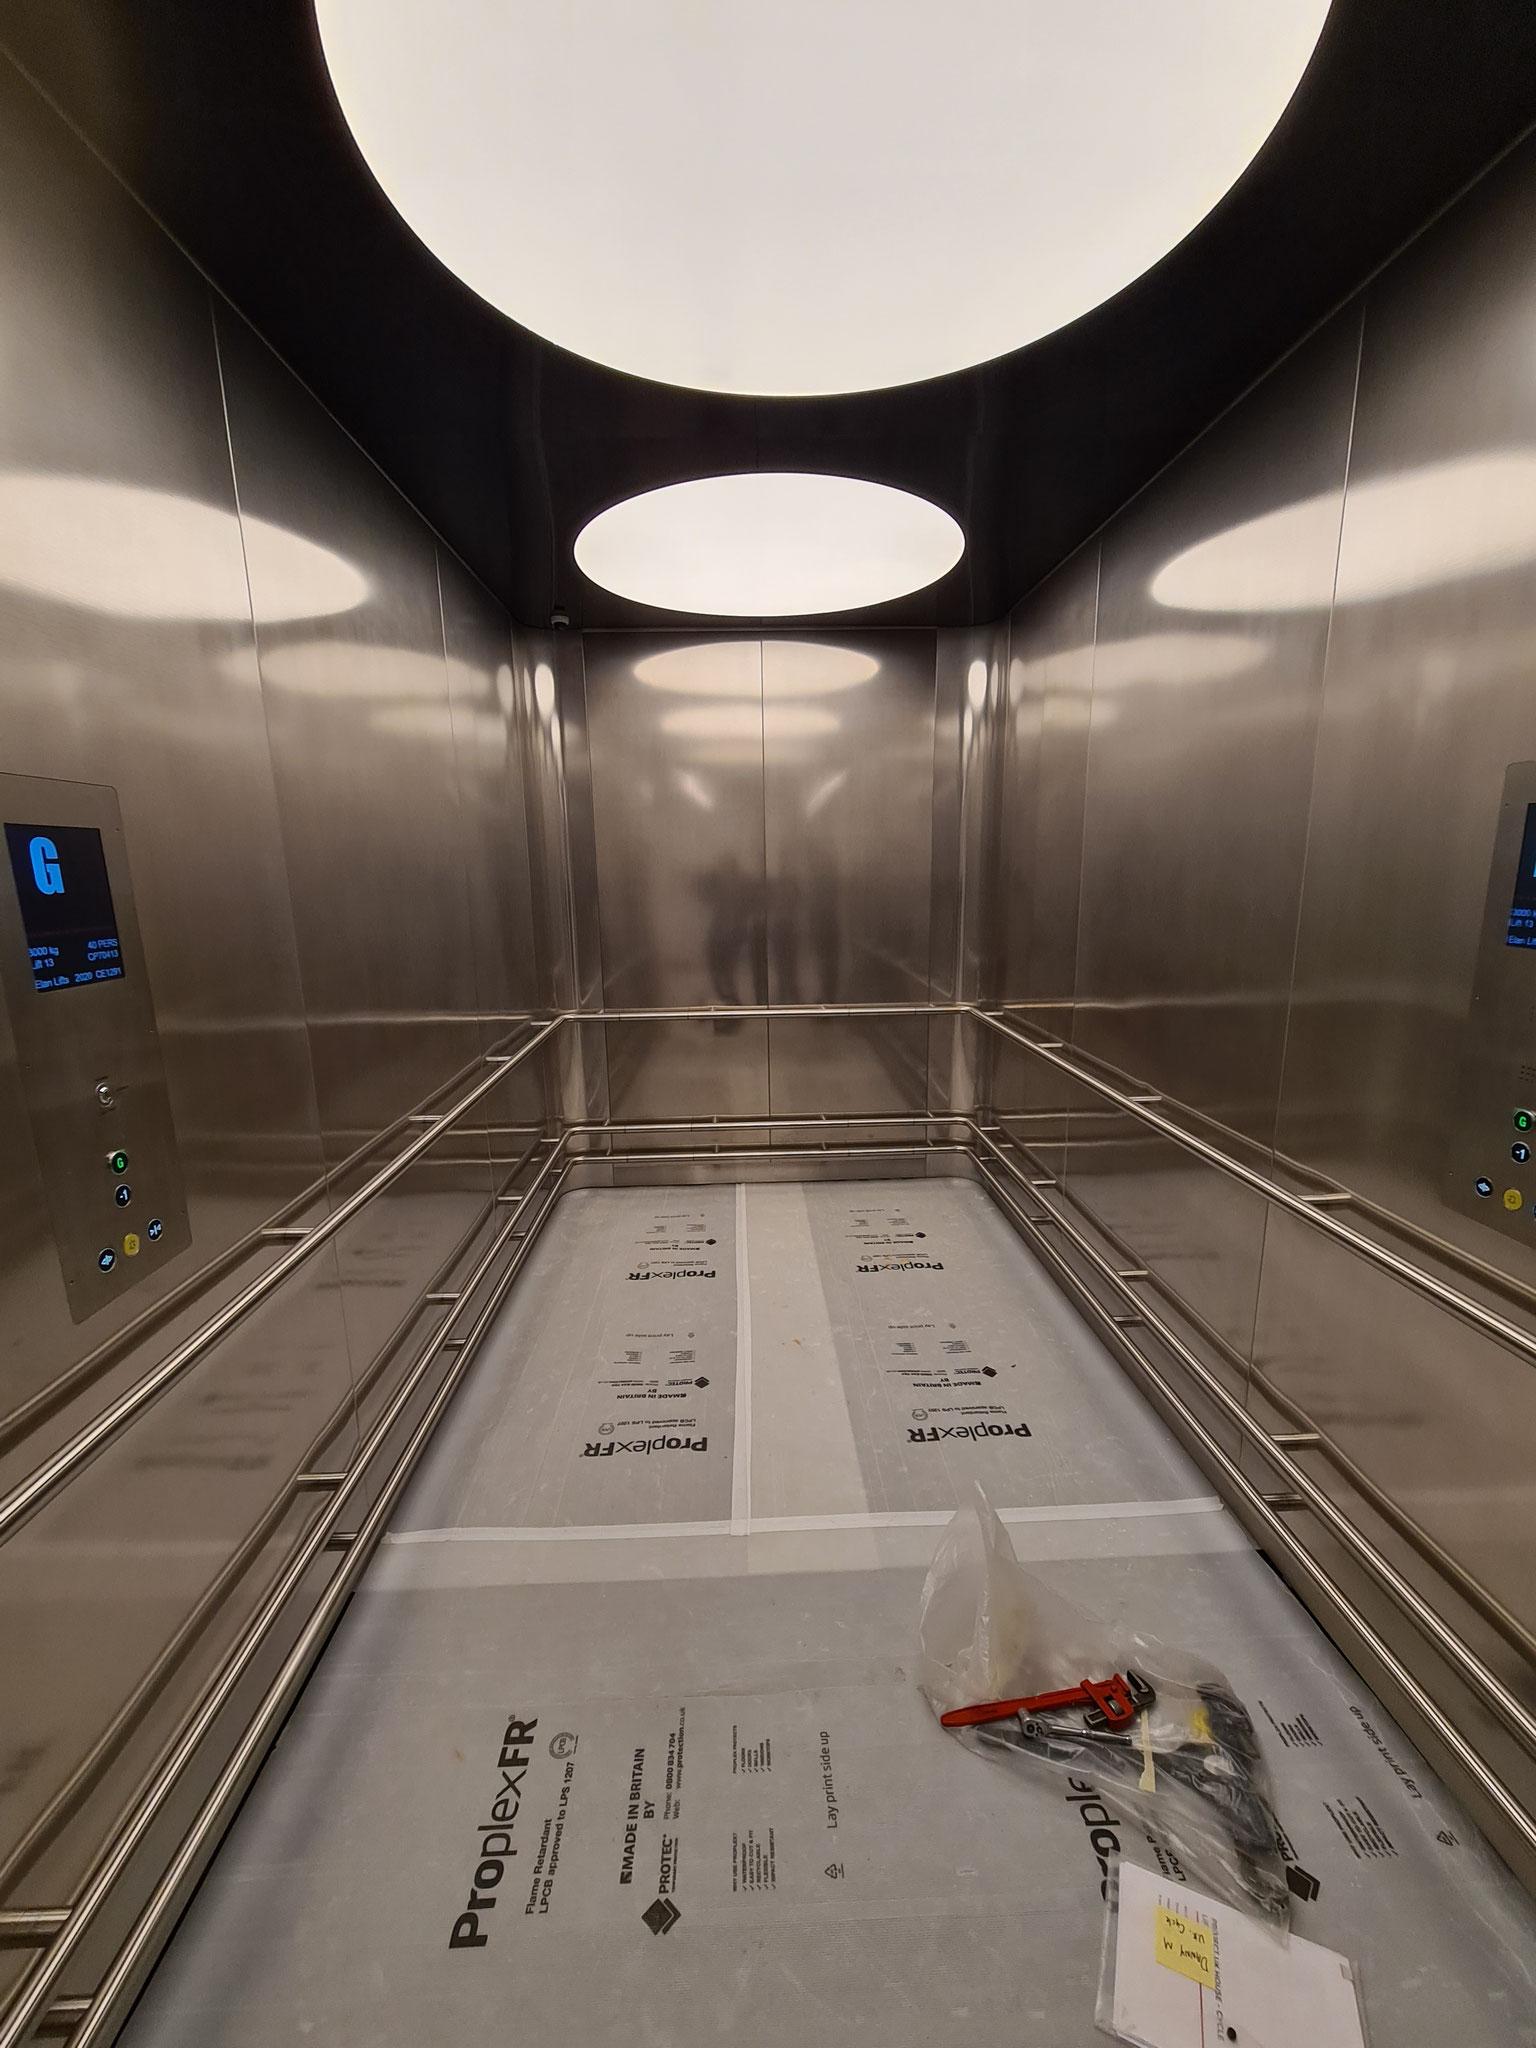 Umlaufende e-li Handläufe montiert in einem Aufzug in London, Oxford Street